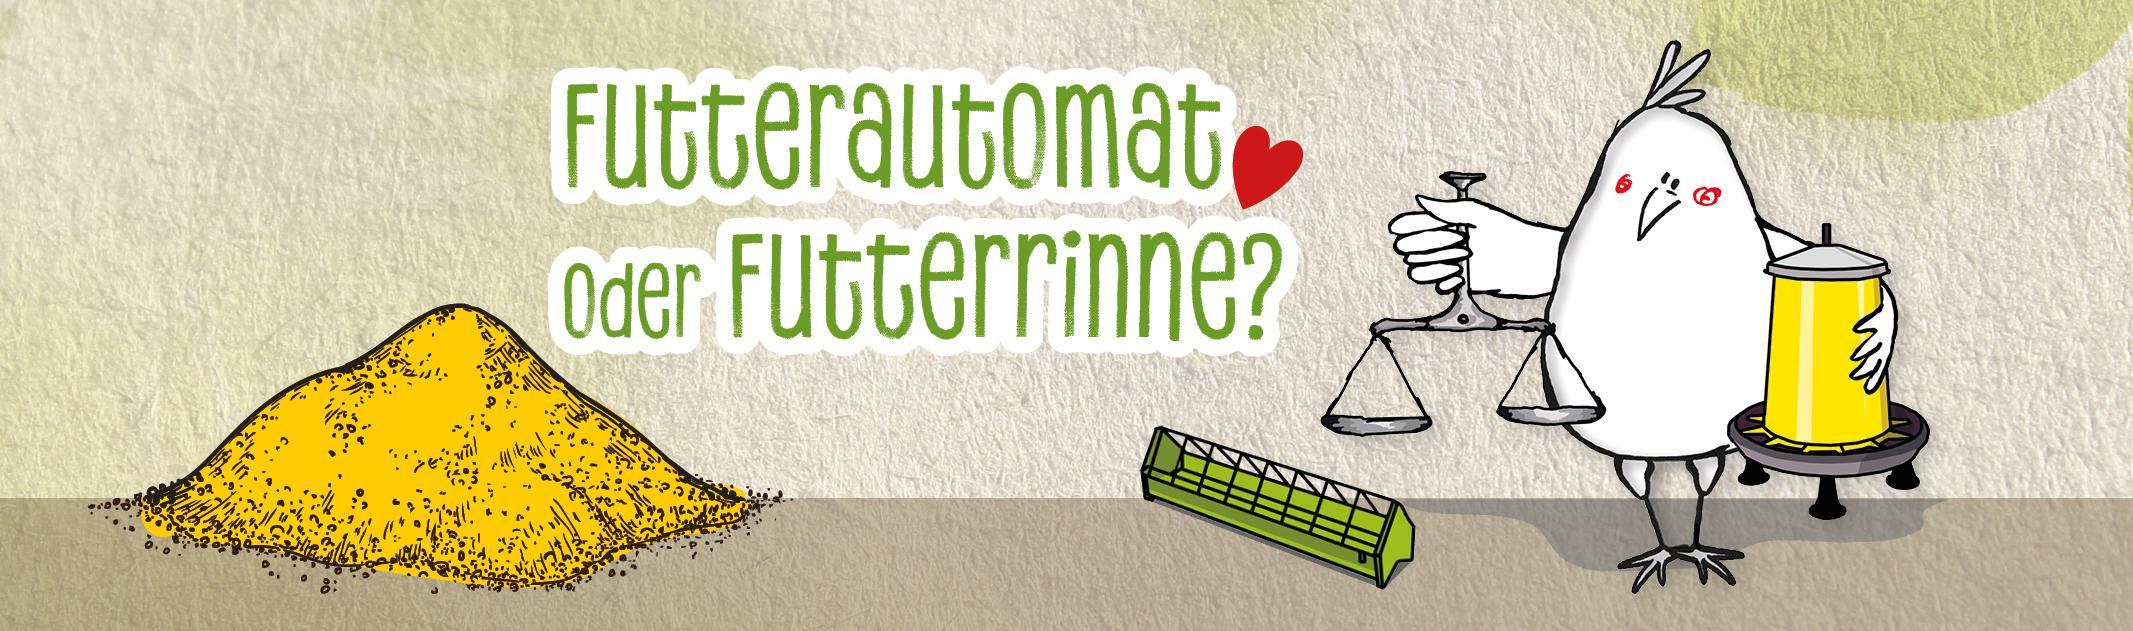 Vorschaubild_Blogbanner_Futterautomat_vs_Futterrinne_1024x303